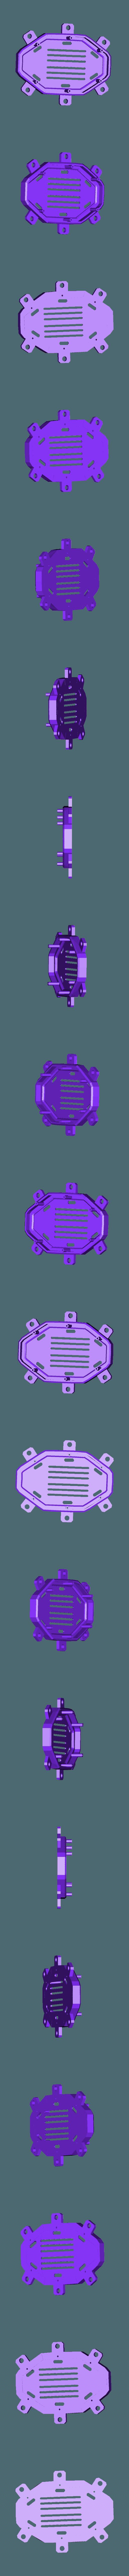 bottom cover.stl Télécharger fichier STL gratuit Robot hexagonal V1 • Design pour impression 3D, mwilmars